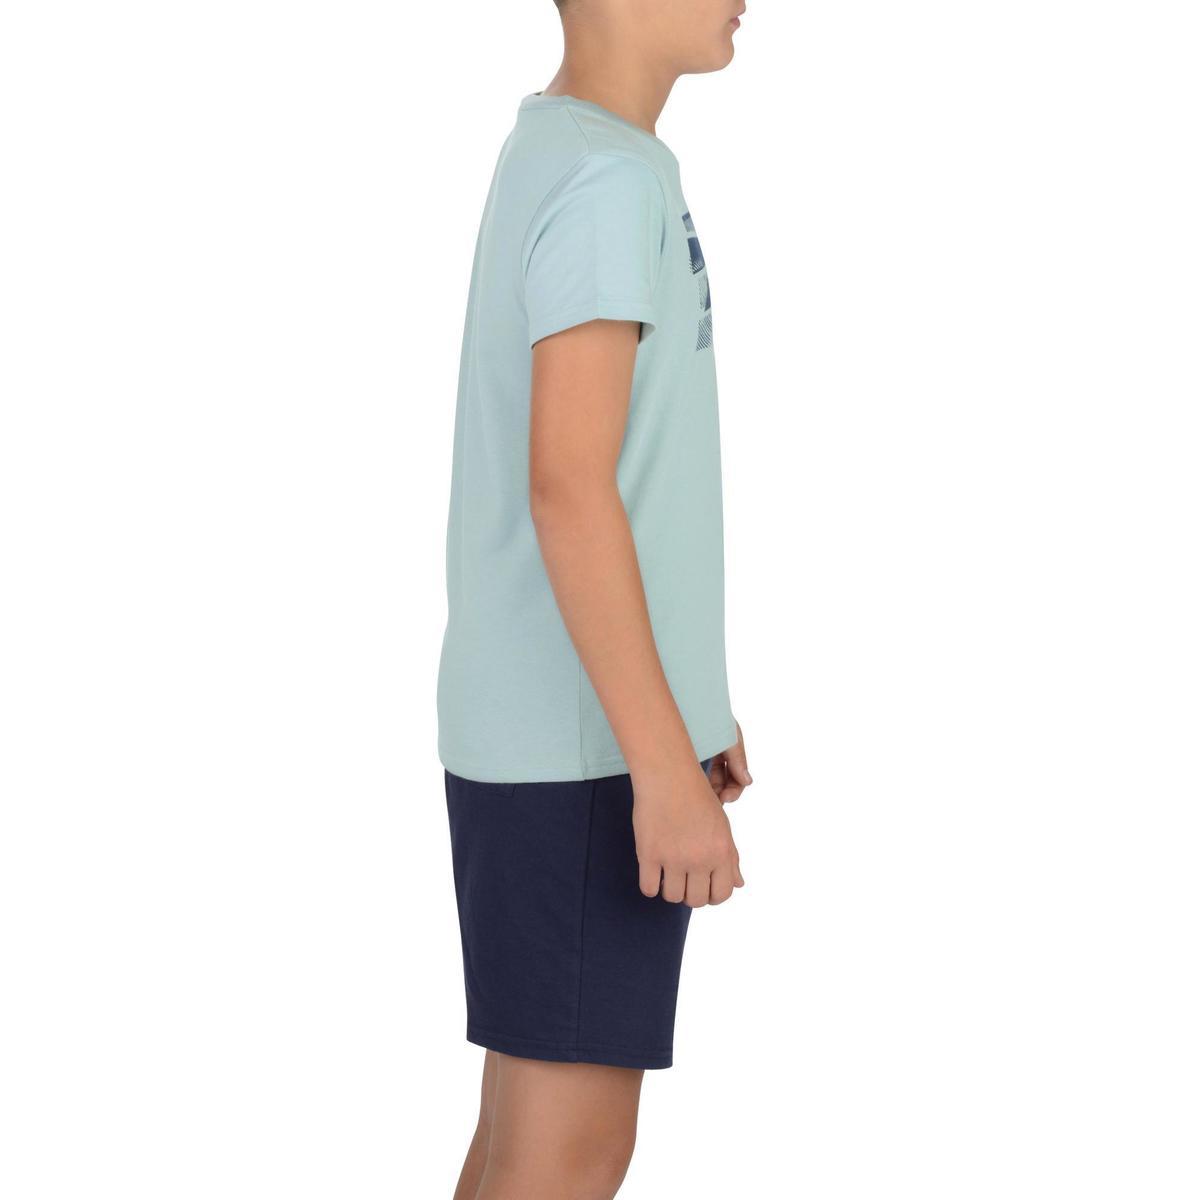 Bild 3 von T-Shirt 100 Gym Kinder grau mit Print